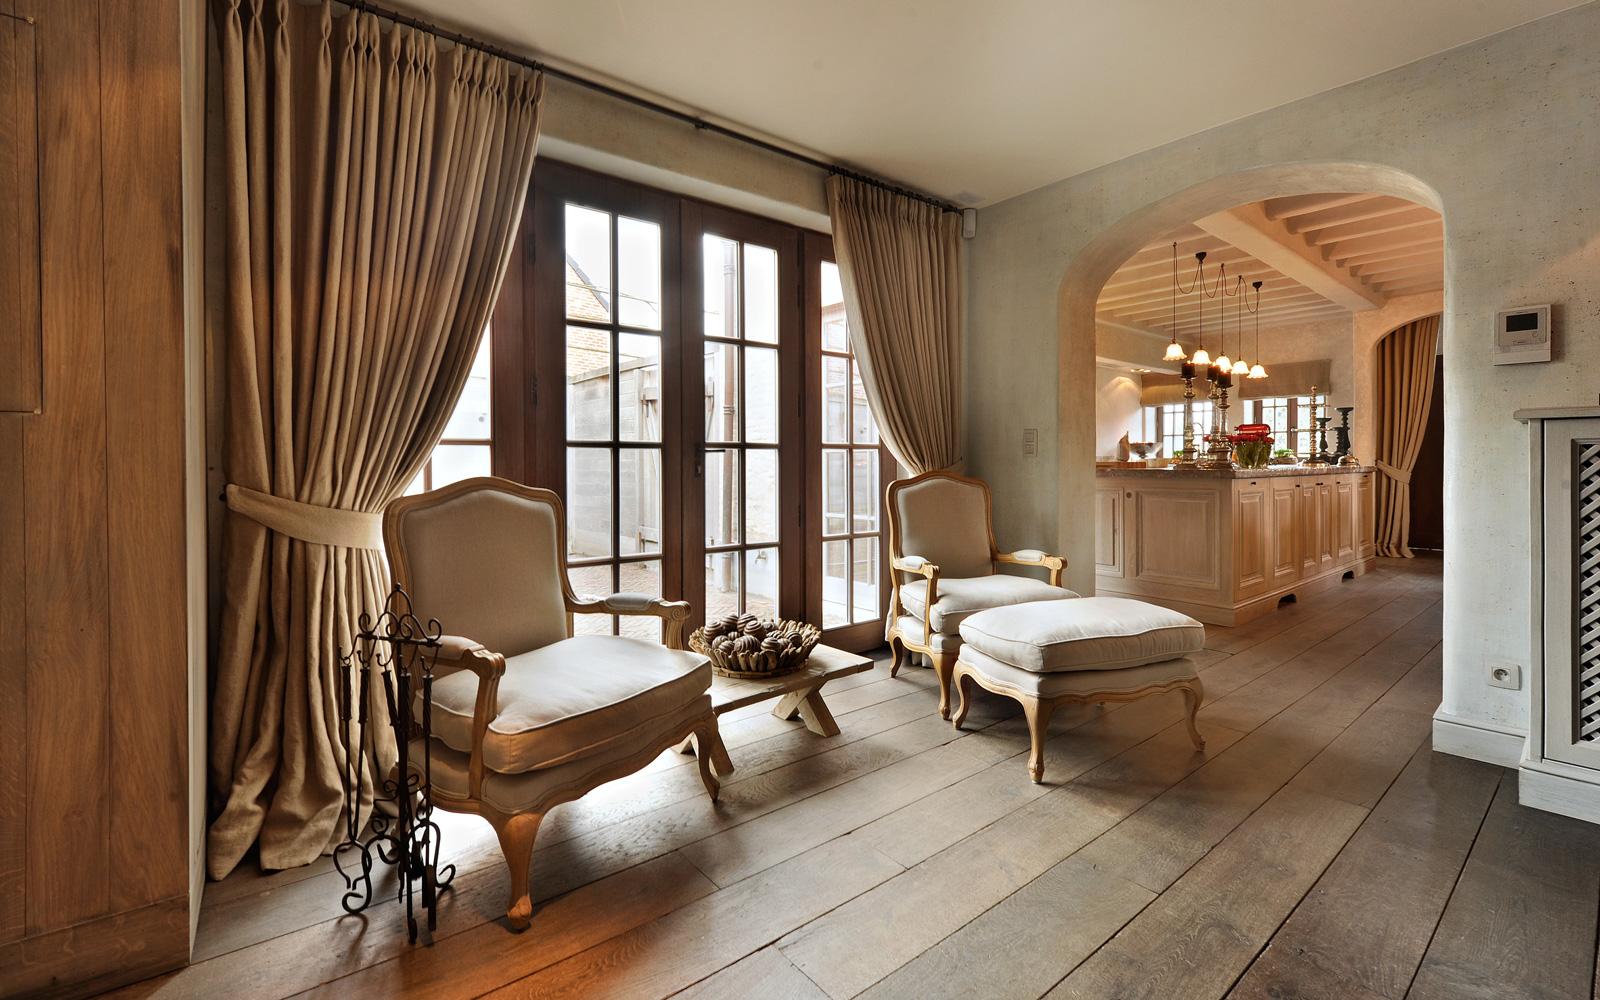 Woonkamer, loung, comfortabele stoelen, houten vloer, ronde boog, authentieke uitstraling, woonhuis als showroom, Dauby